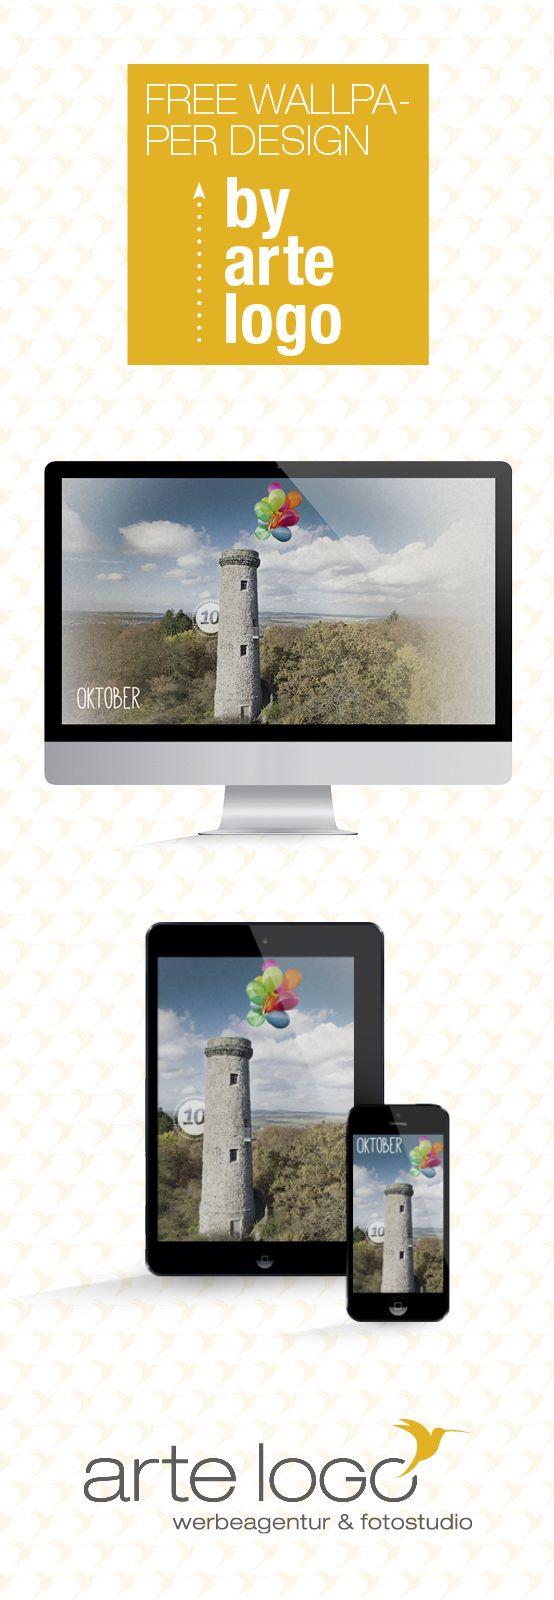 Free Wallpaper for Desktop, iPhone and iPad by arte-logo.de Free Download, Kalender 2016, selfmade, Oktober, Hainigturm, Lauterbach, Heimat, Luftballons, Denkmal, Vogelsbergkreis, Hessen